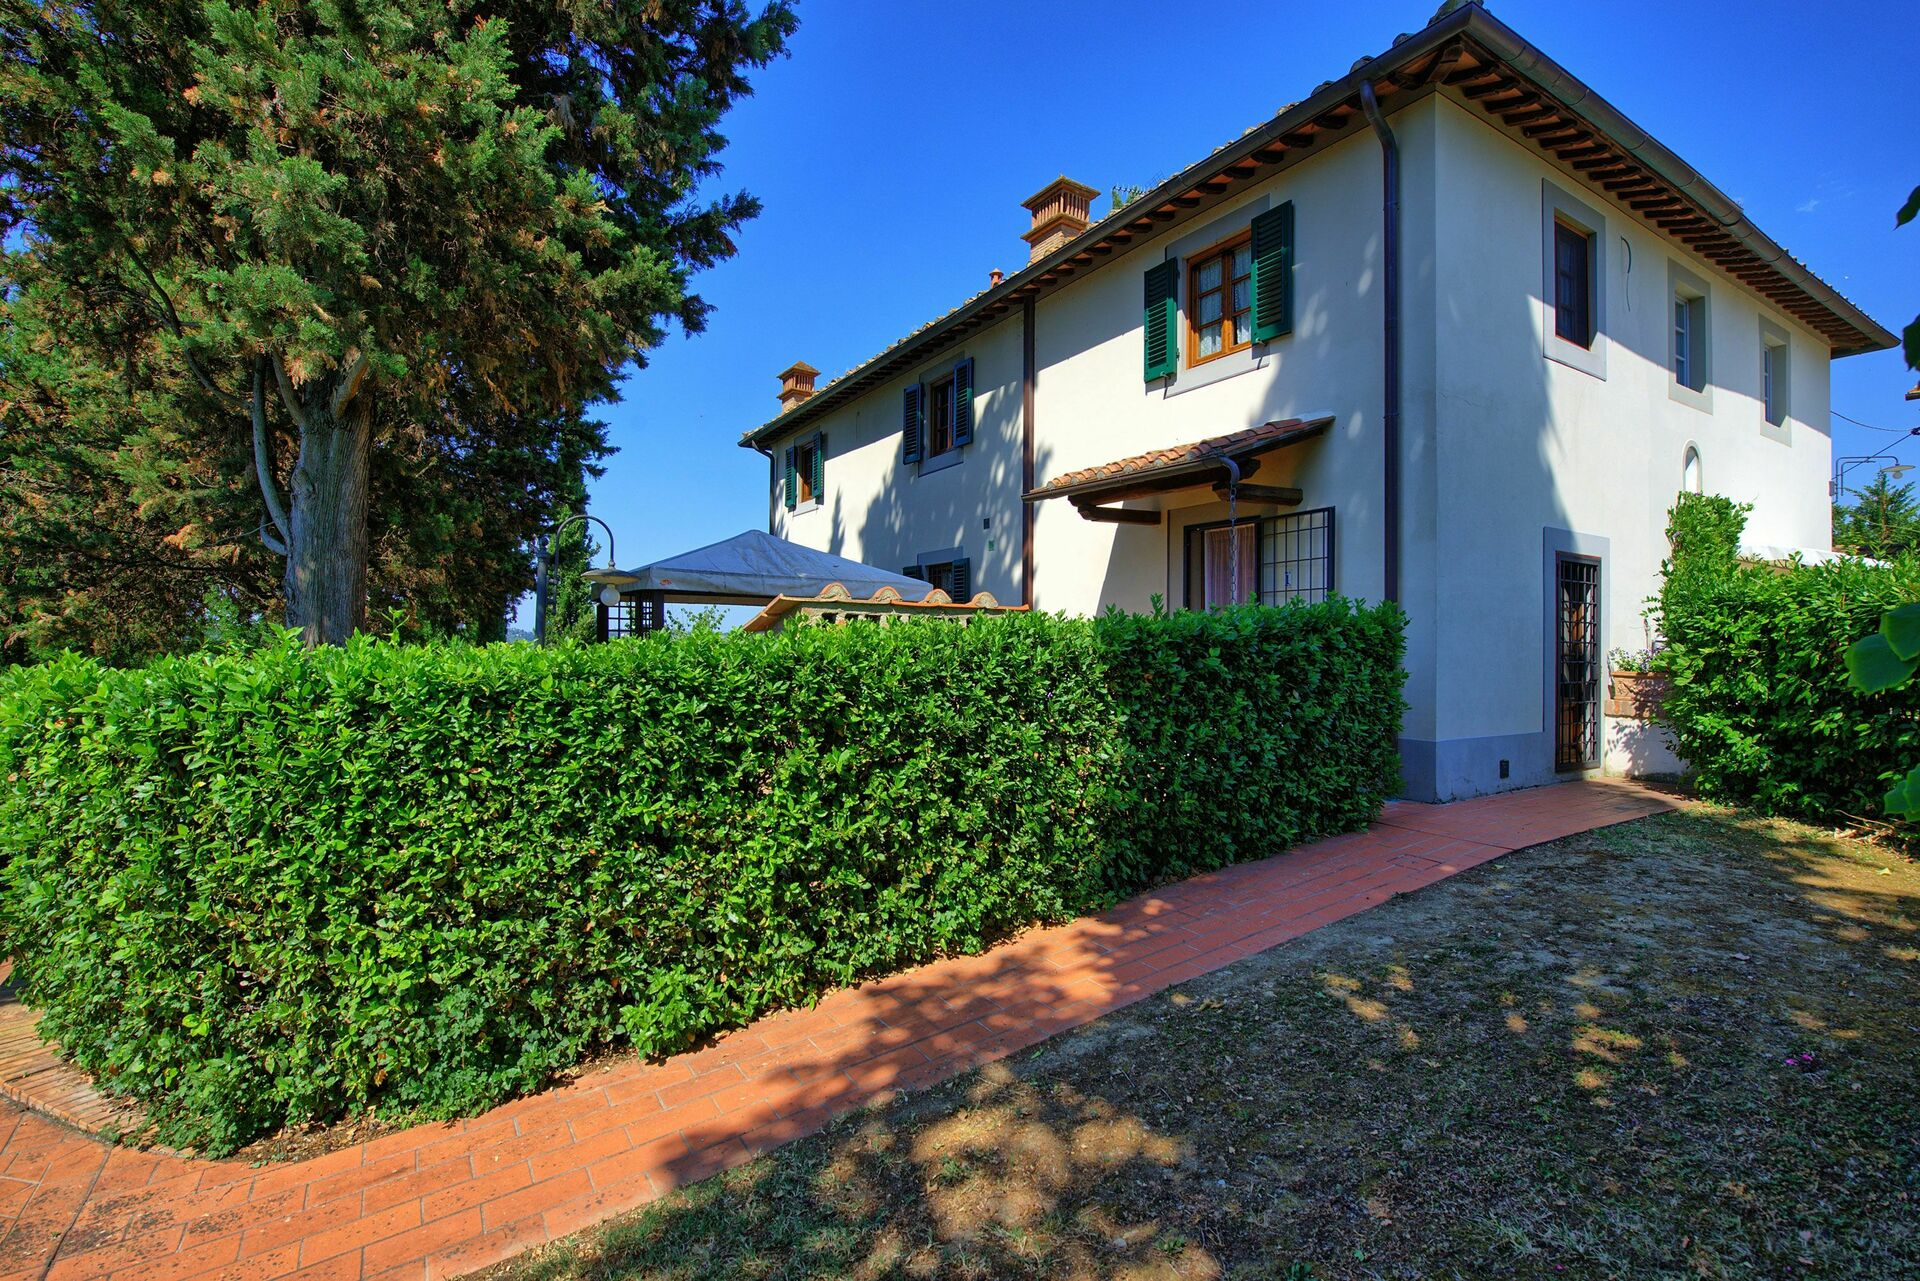 Villa Piazzacalda, Vakantiehuis in Castelfiorentino, Toscane voor 18 ...